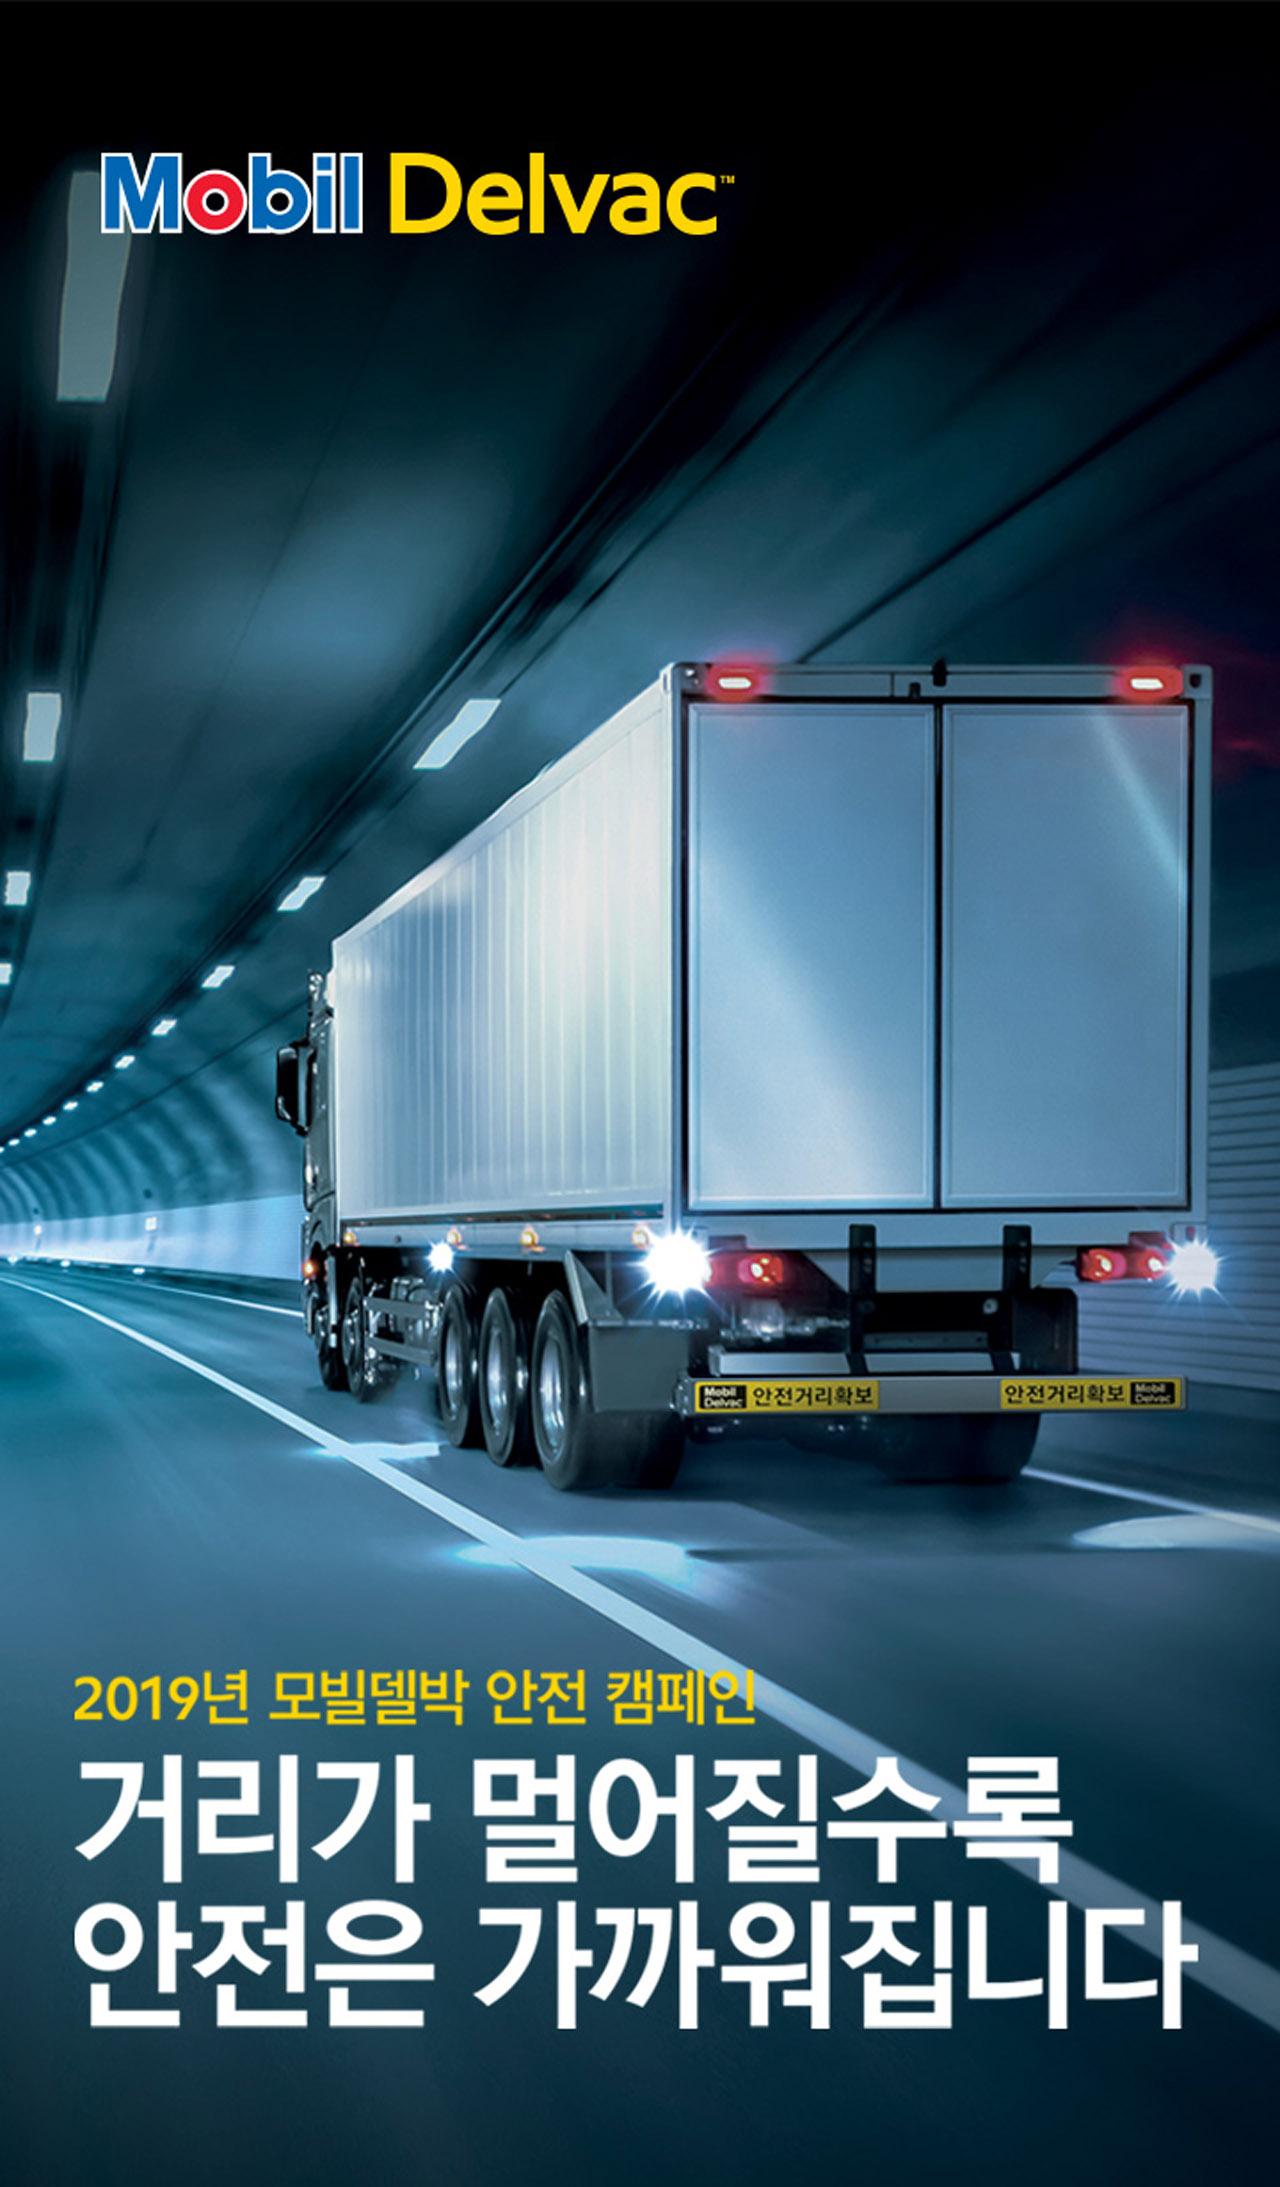 [사진자료] 모빌코리아윤활유㈜, '2019 모빌델박 안전 캠페인' 실시